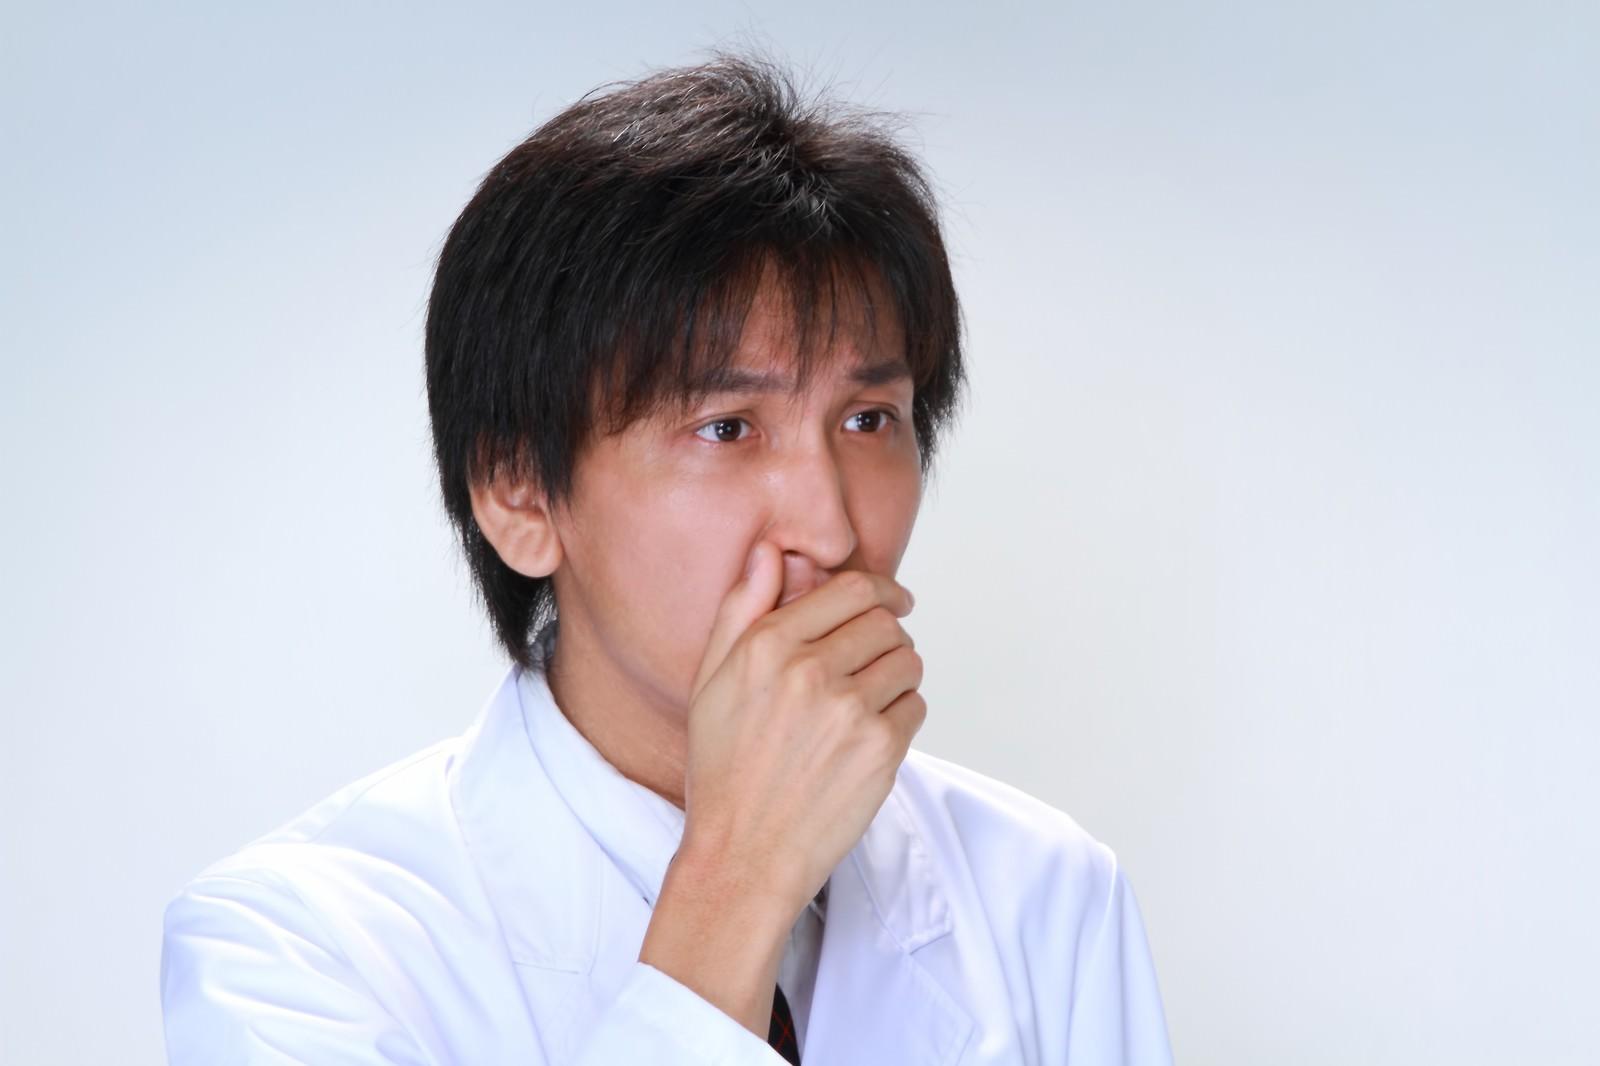 「口を覆う白衣の男性」の写真[モデル:ACE]